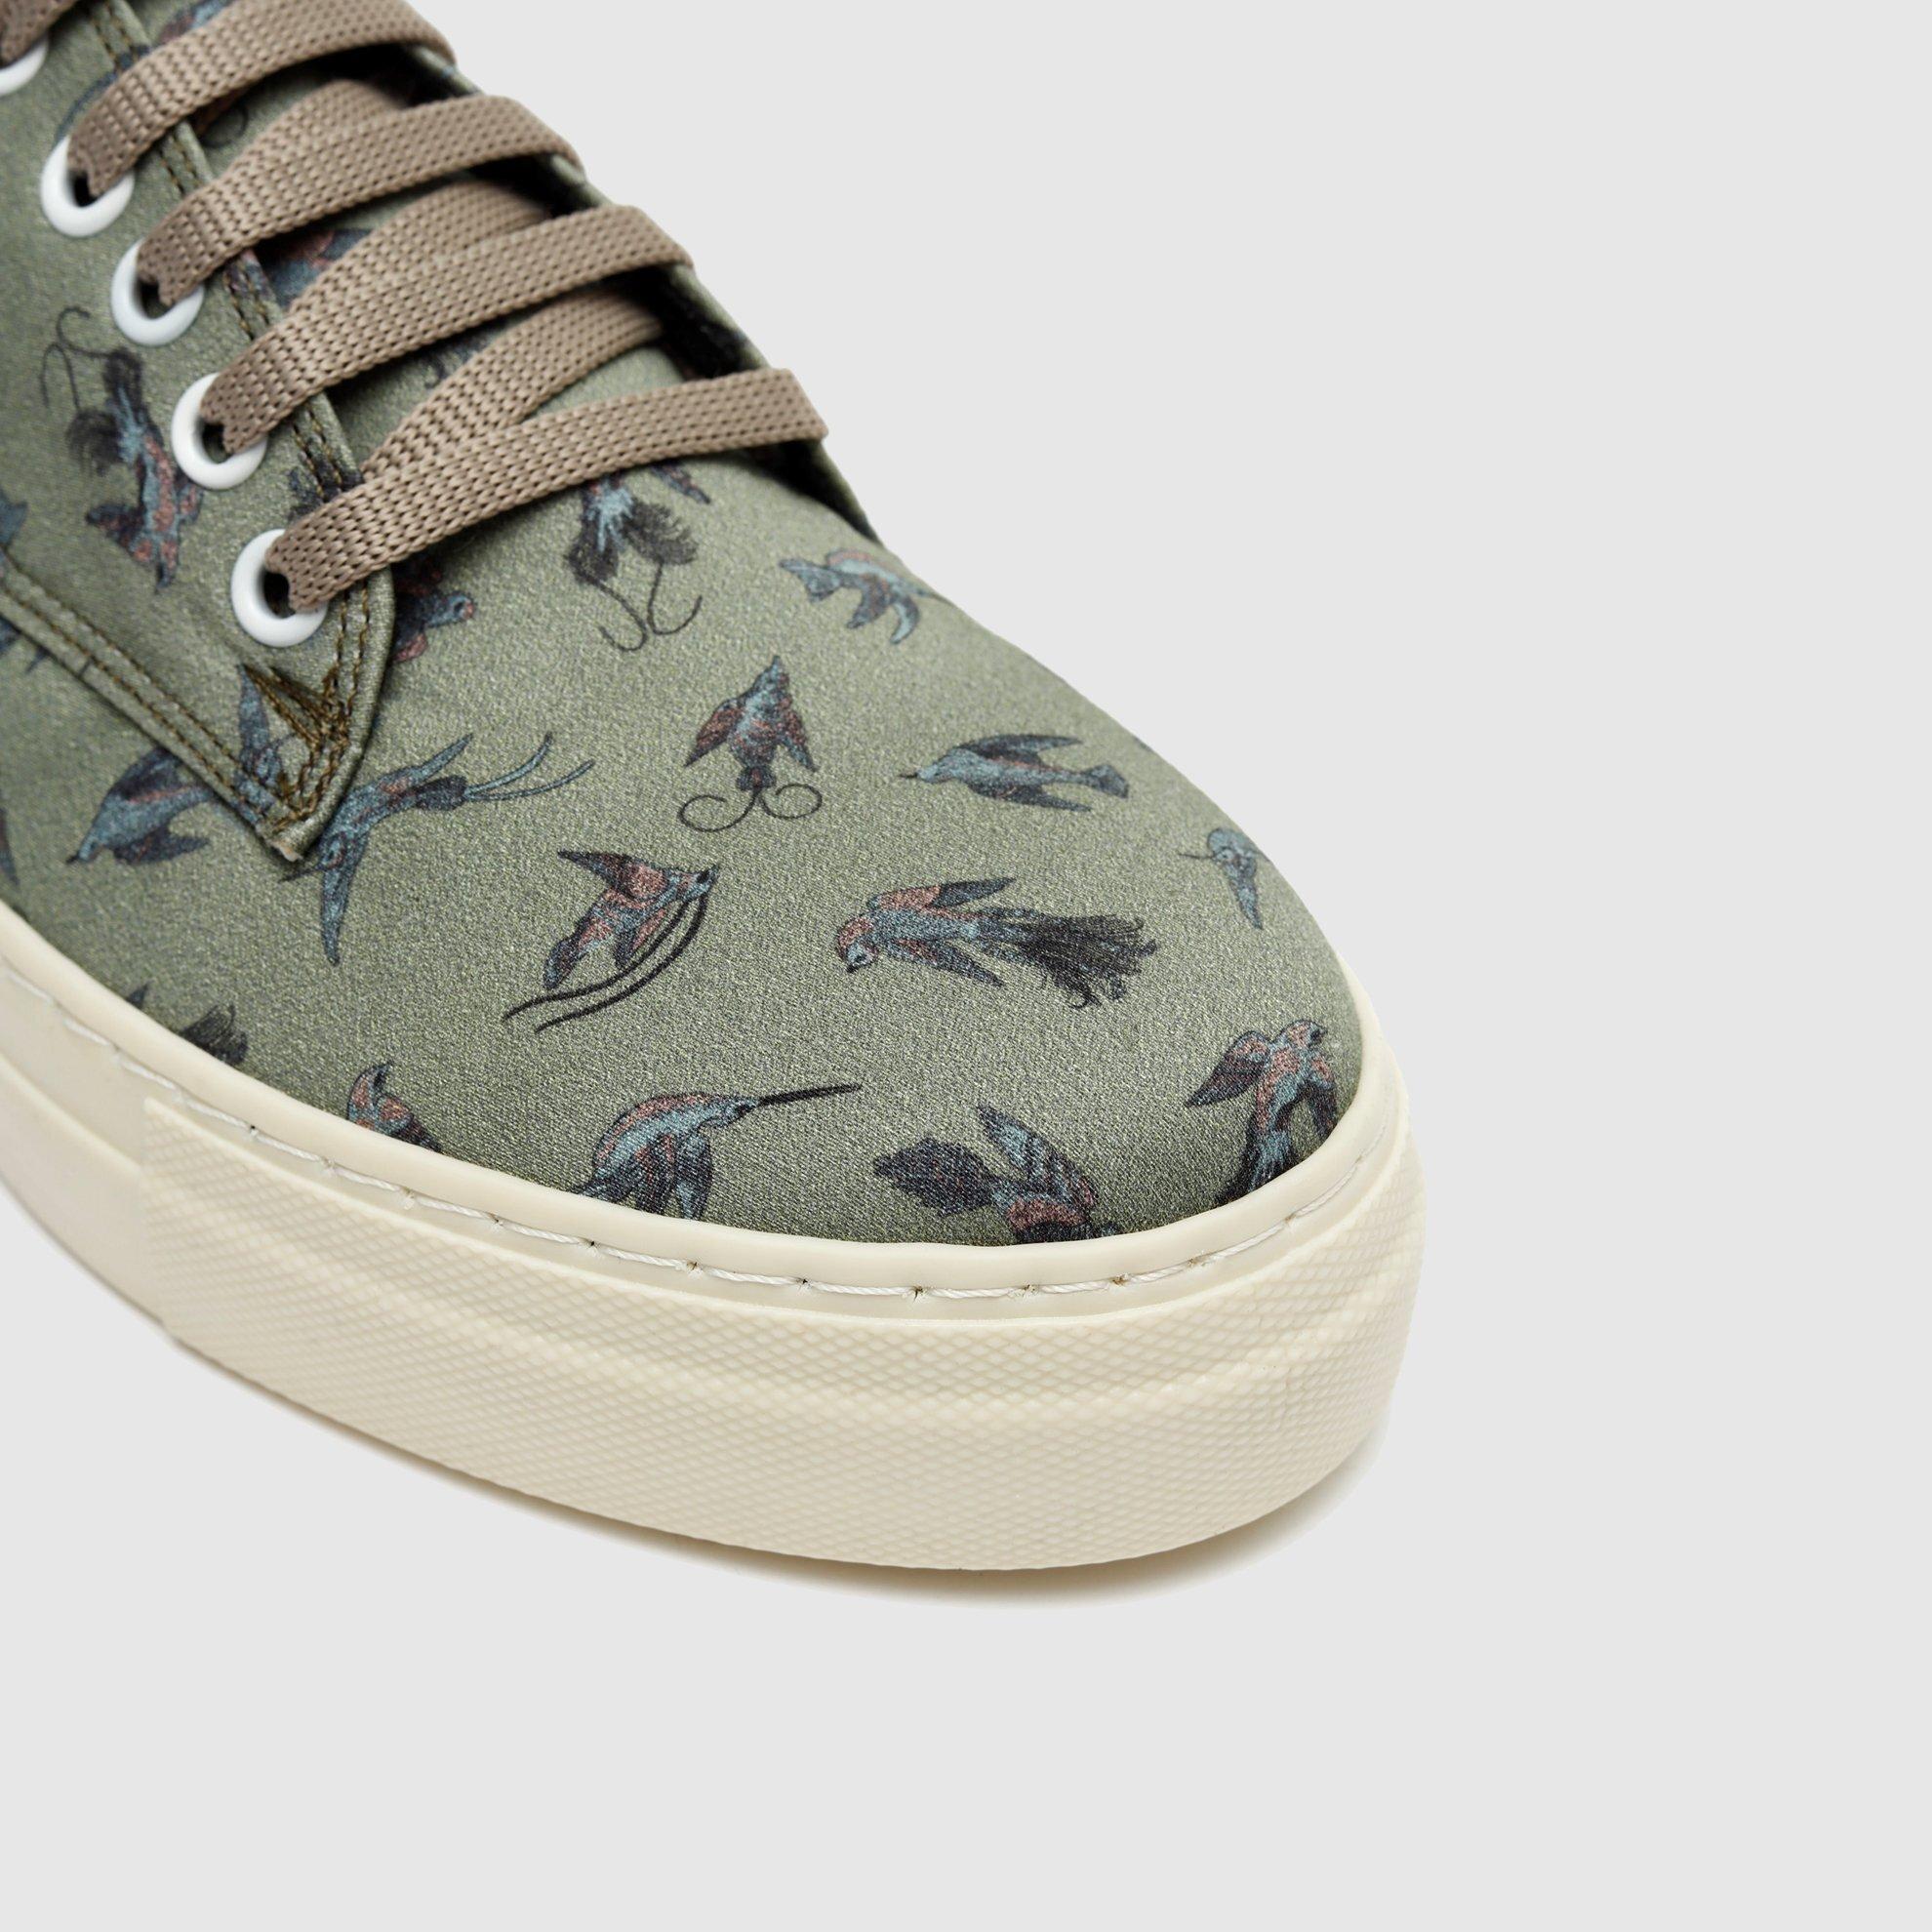 resm Kumaş Spor Ayakkabı